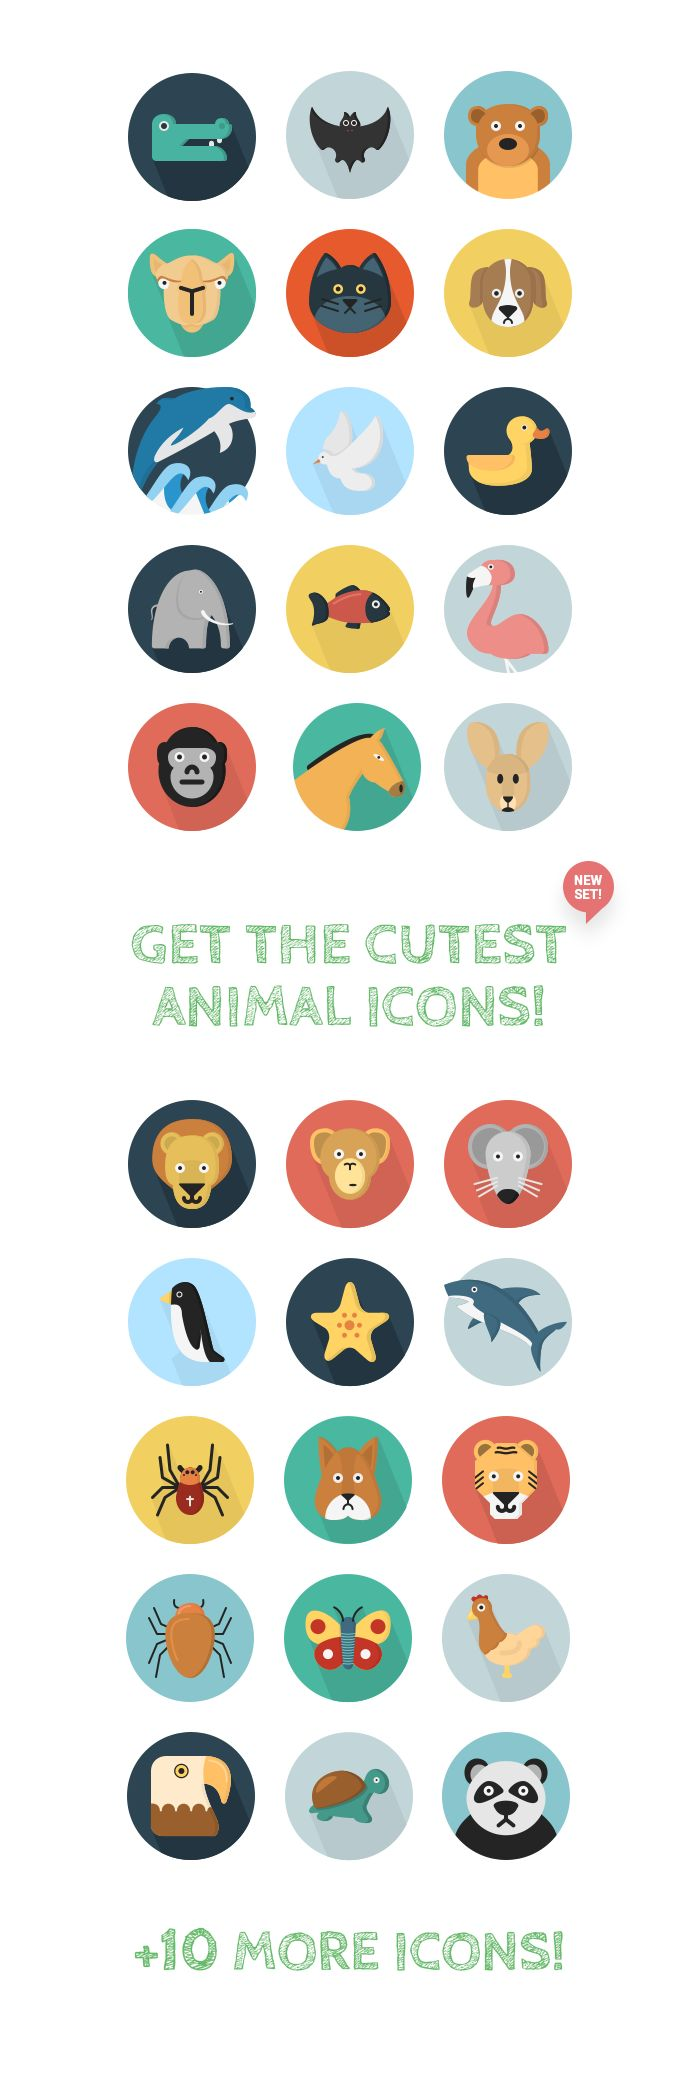 40 Free Flat Animal Icons